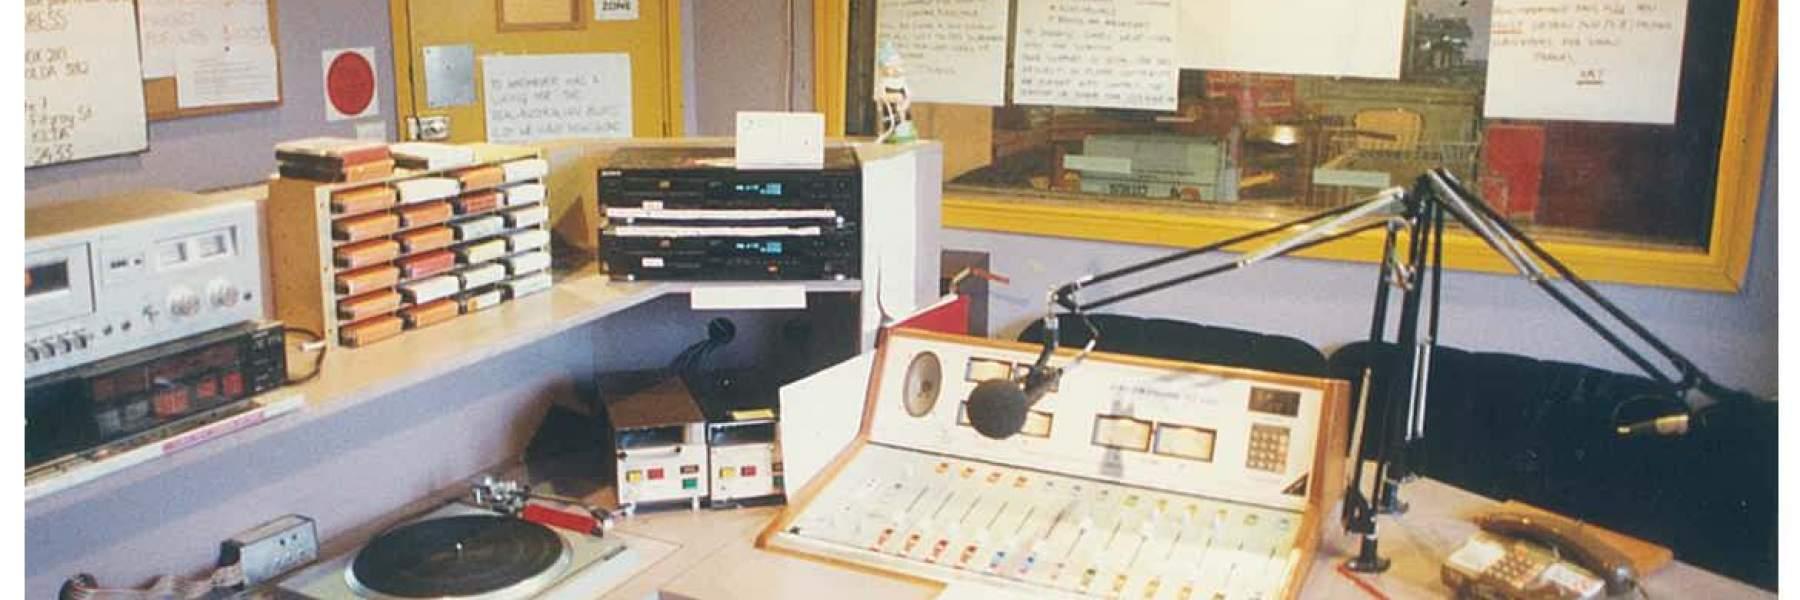 PBS Studio 1, Fitzroy street, St Kilda, 1992